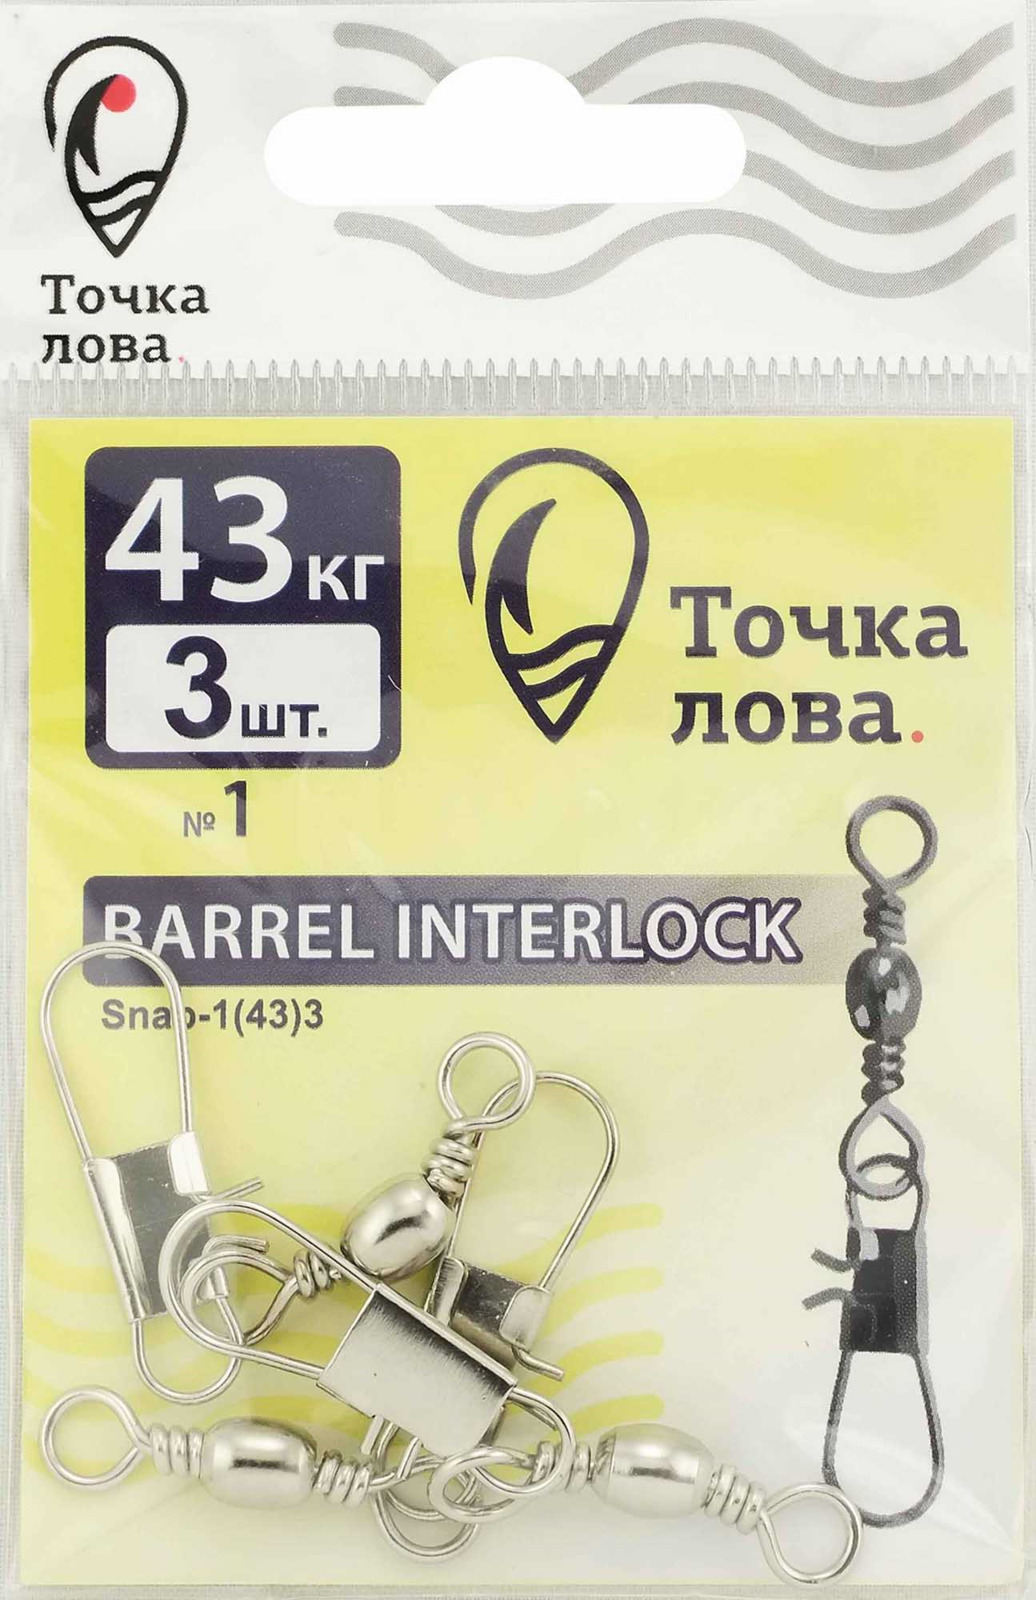 Аксессуар для рыбалки Точка Лова Застежка, с вертлюгом, Snap-1(43), 3 шт